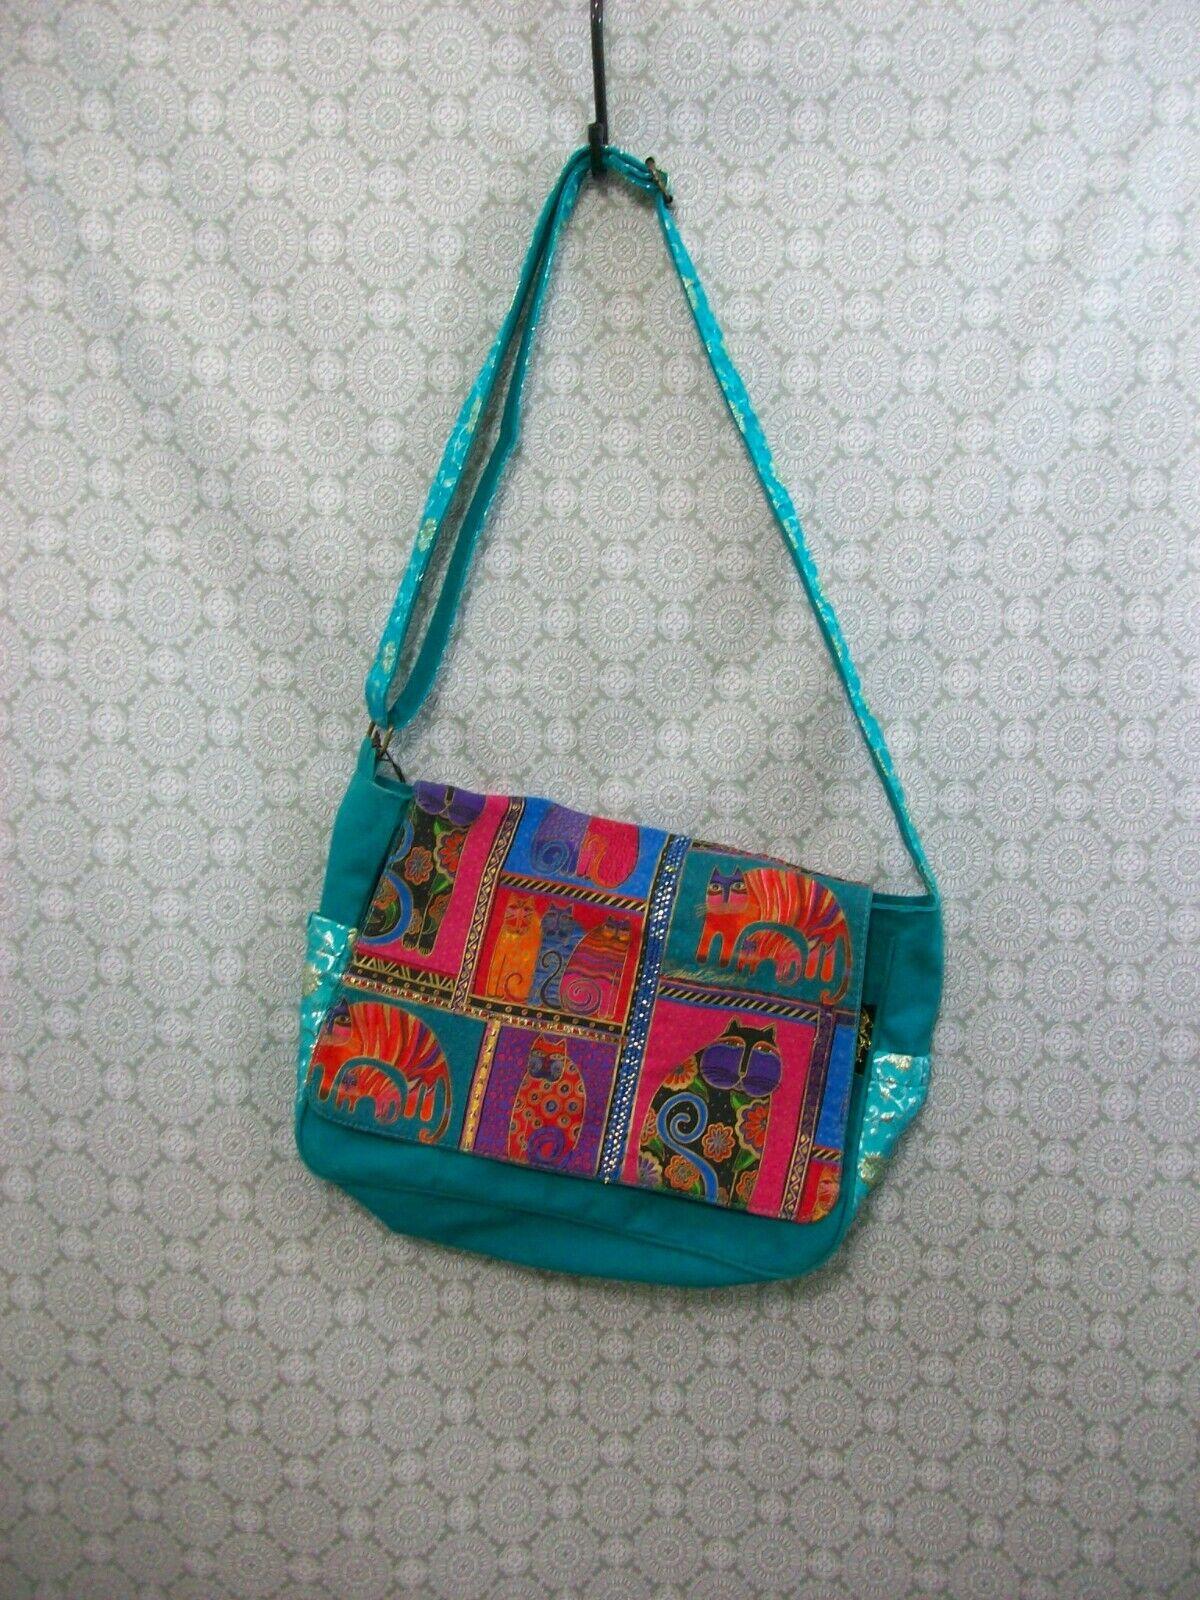 LAUREL BURCH Cat Crossbody Bag - image 1